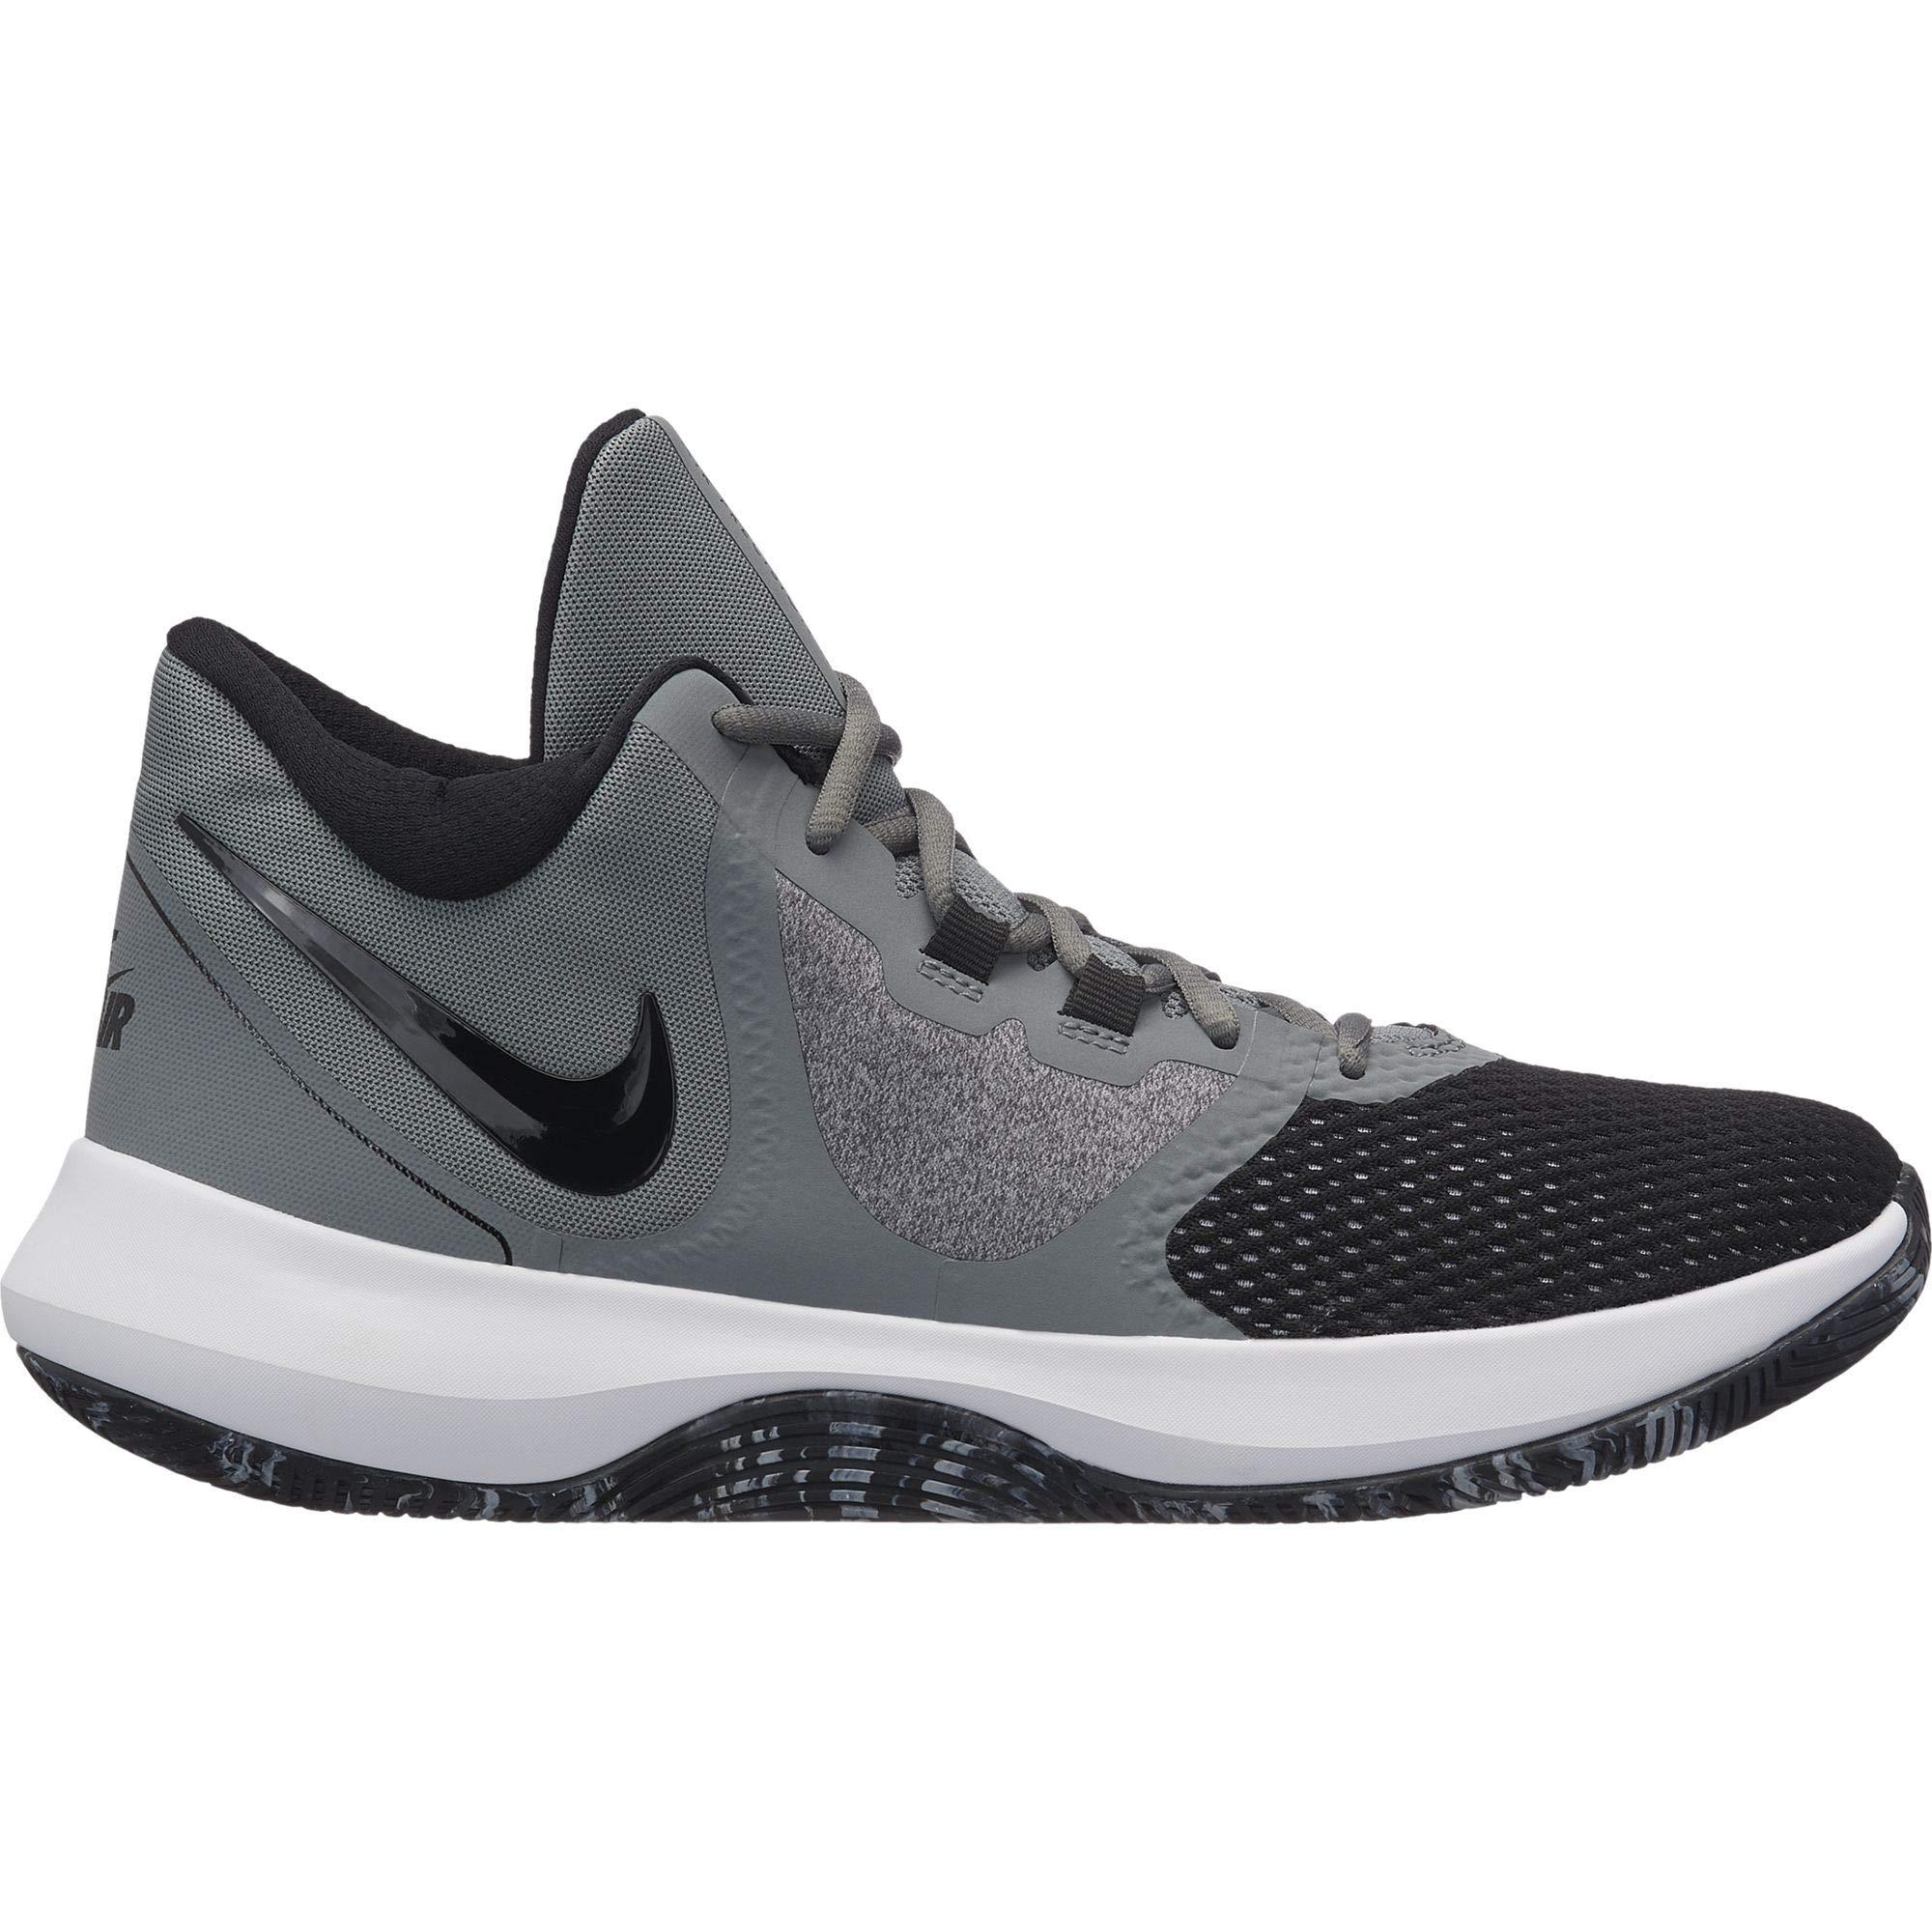 Nike Men's AIR Precision II Cool Grey